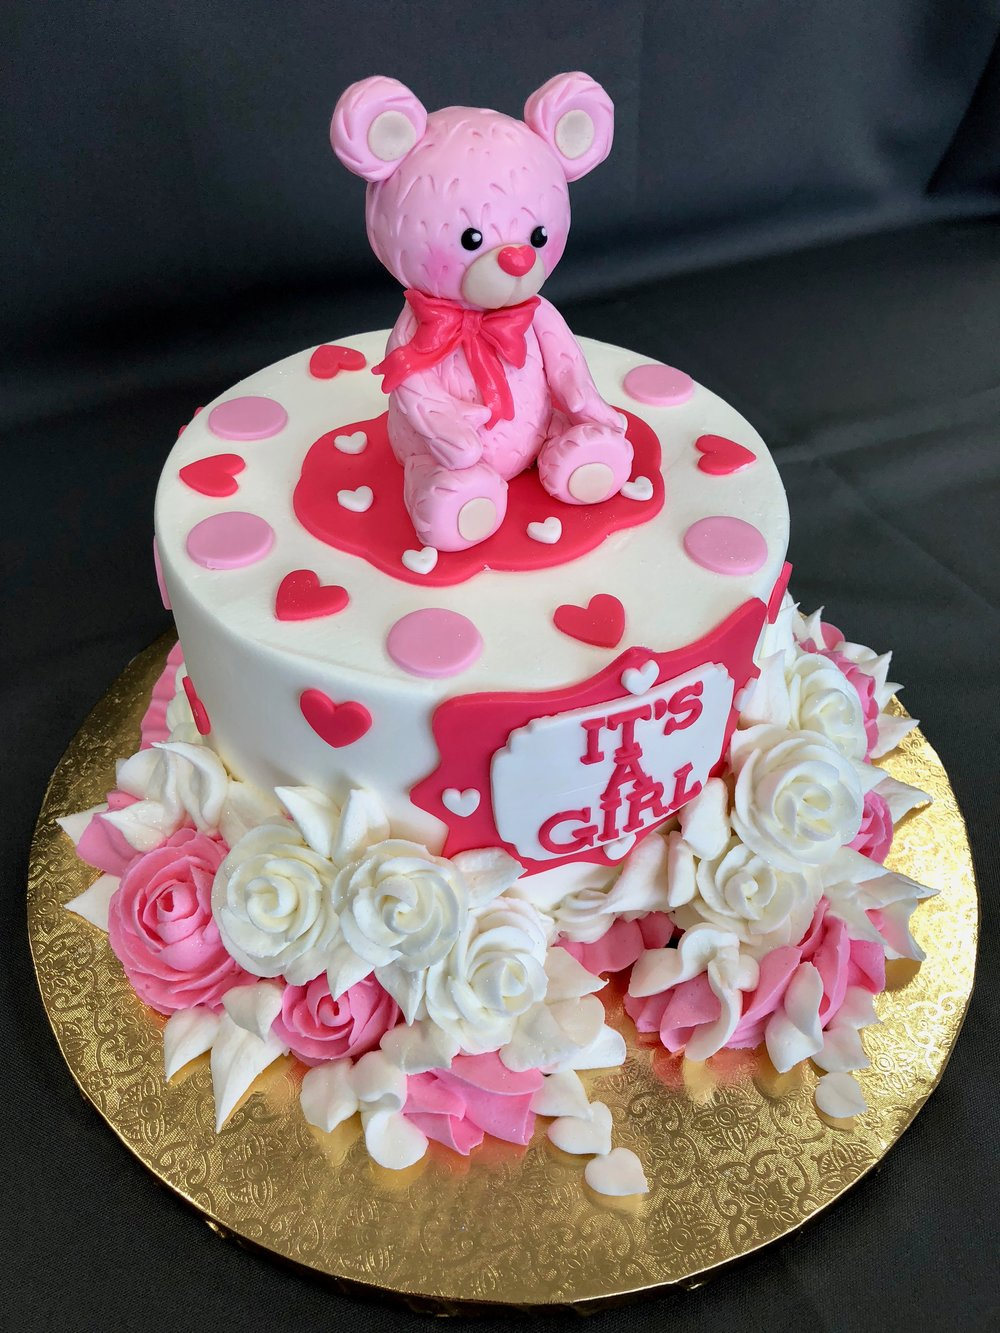 Best Baby Shower Cake NJ